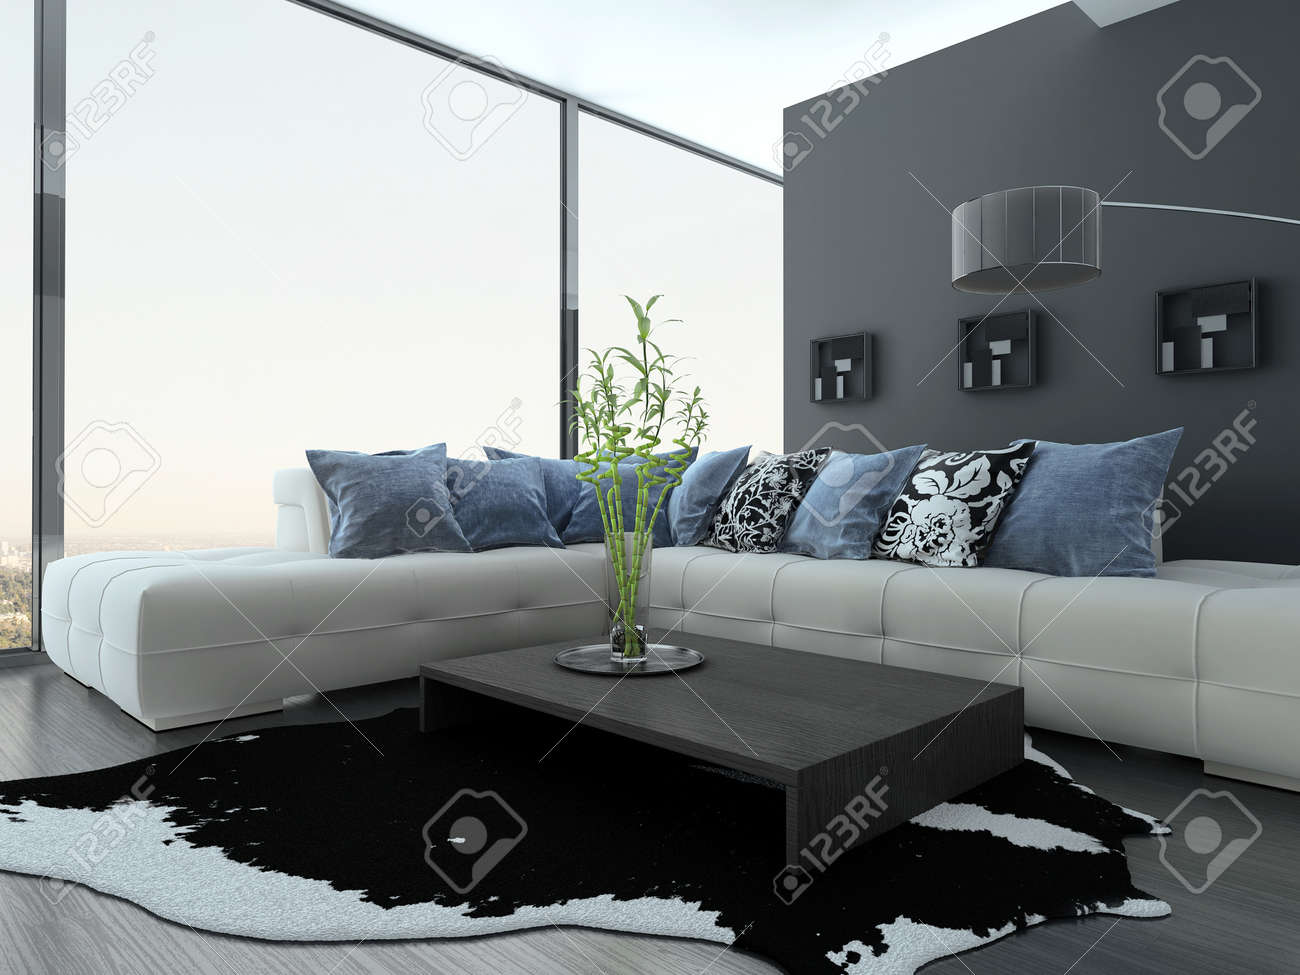 moderne wohnzimmer interieur mit weißen couch und blauen kissen ... - Moderne Wohnzimmer Couch